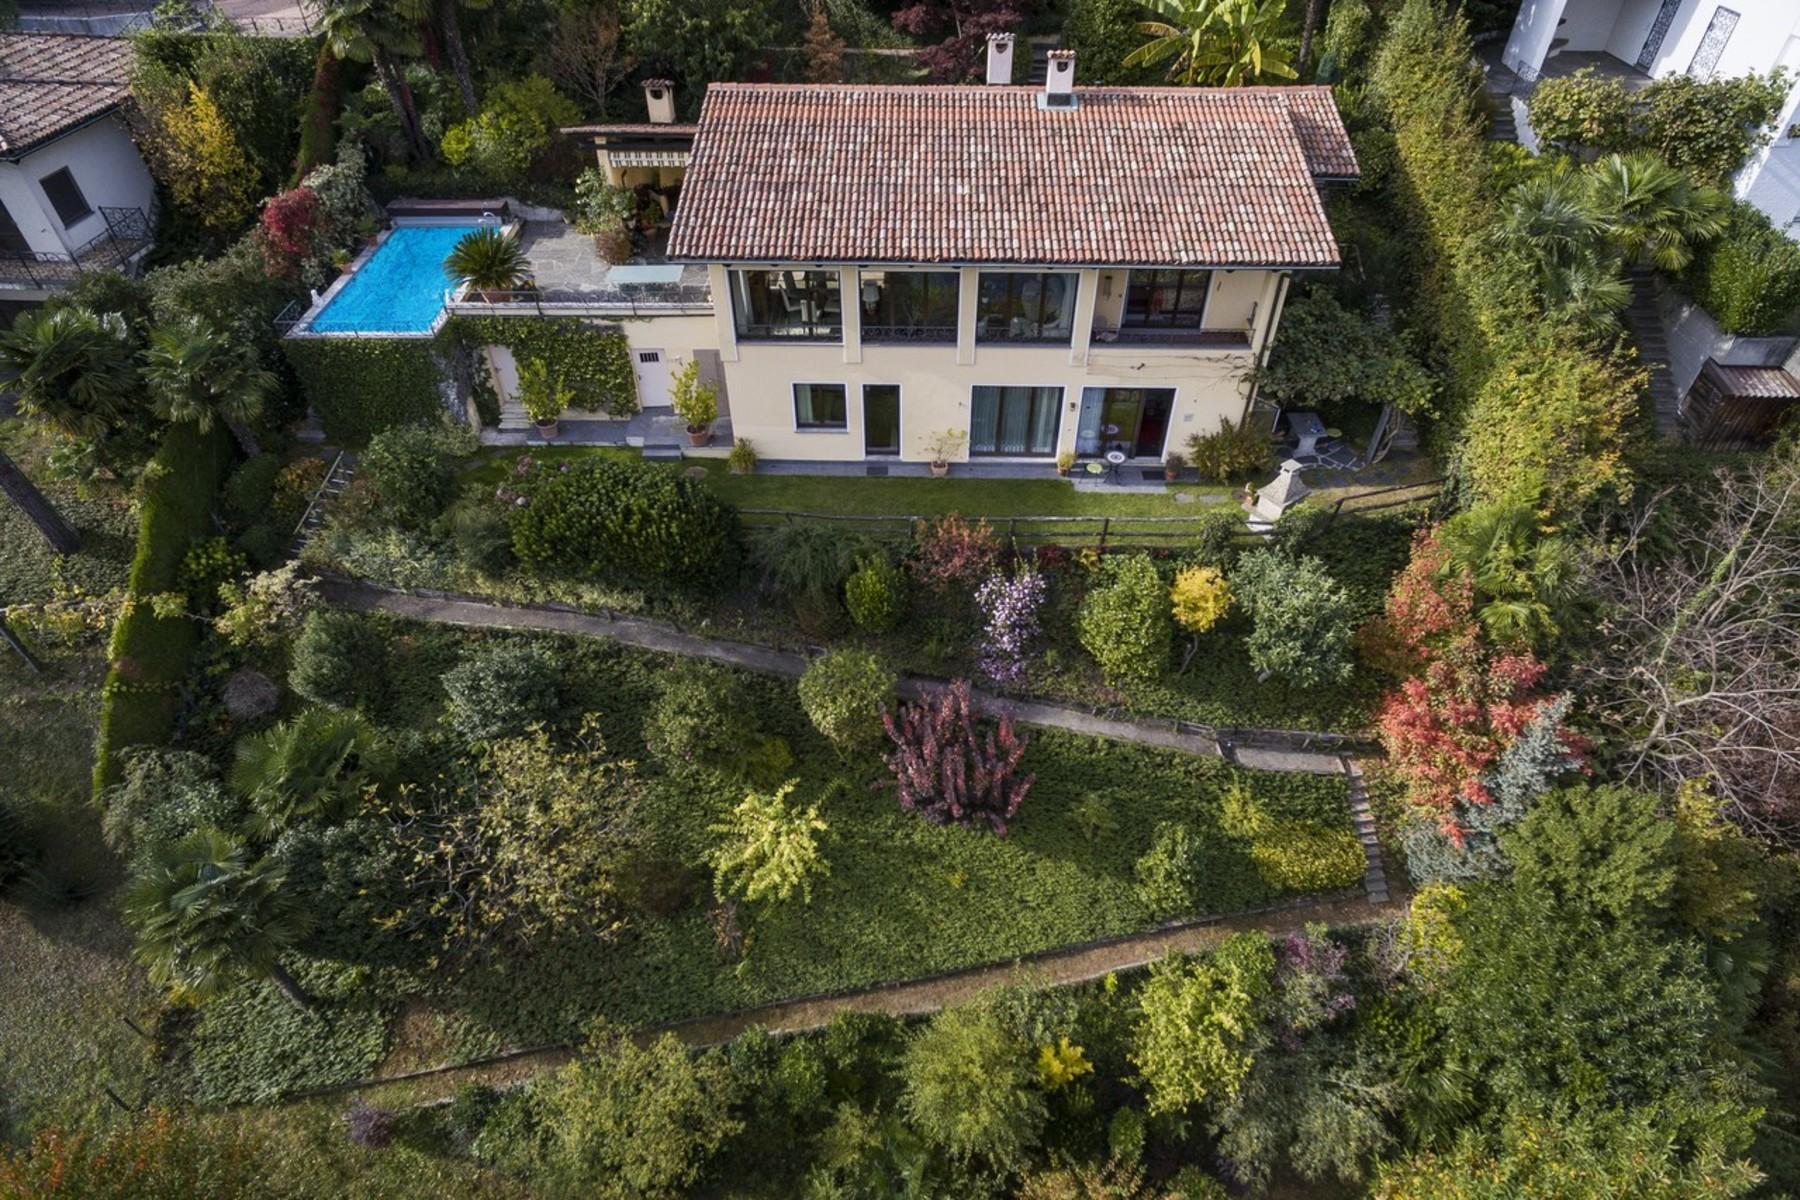 Частный односемейный дом для того Продажа на For sale, House, 6922 Morcote, Rif. 20905 Morcote, Ticino, 6922 Швейцария